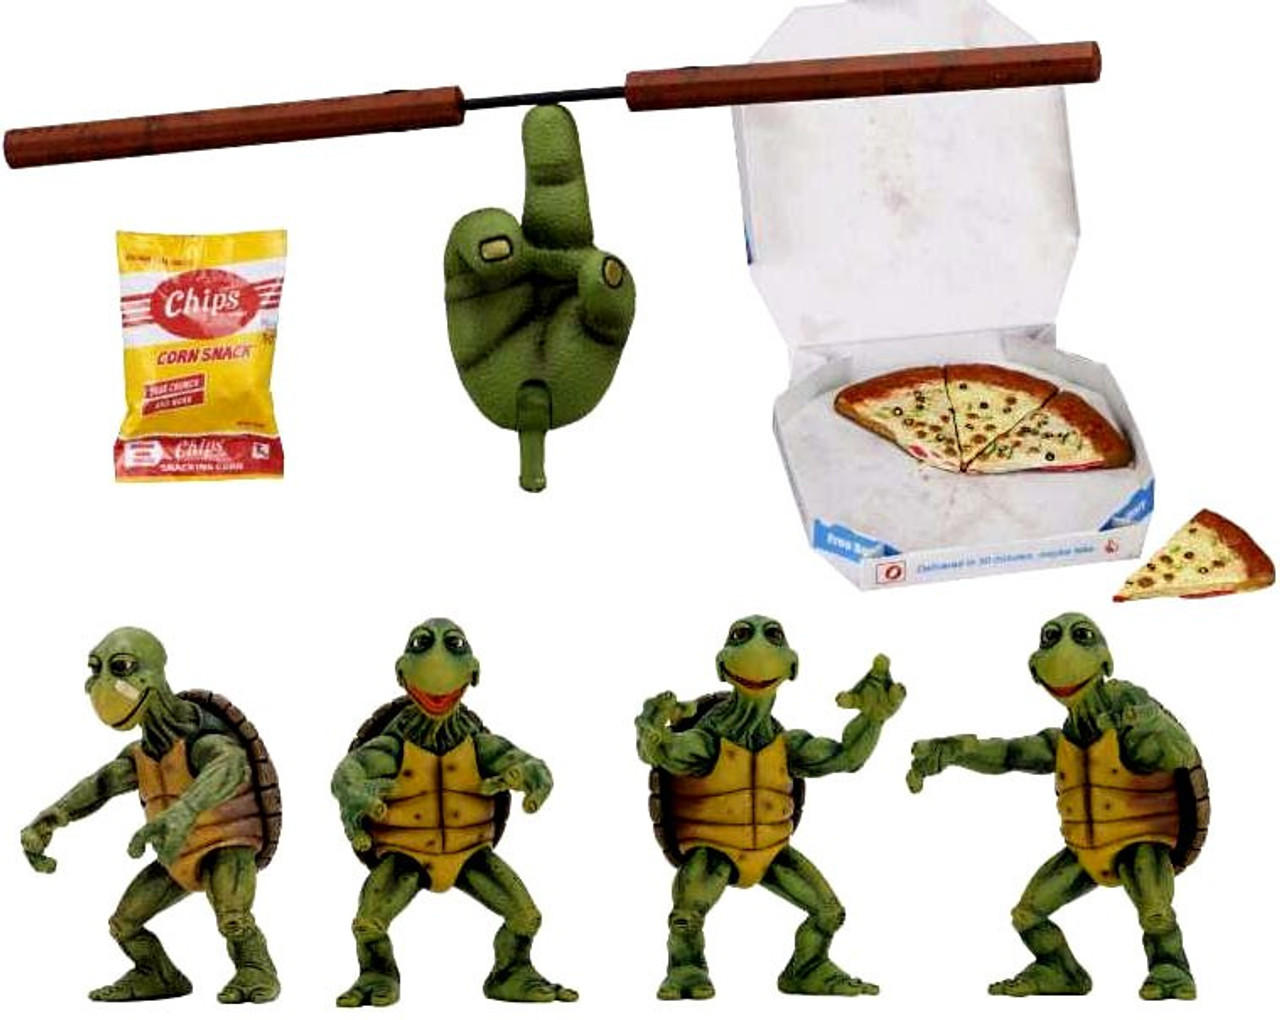 Ninja turtles movie 1990 free online | Watch Teenage Mutant Ninja